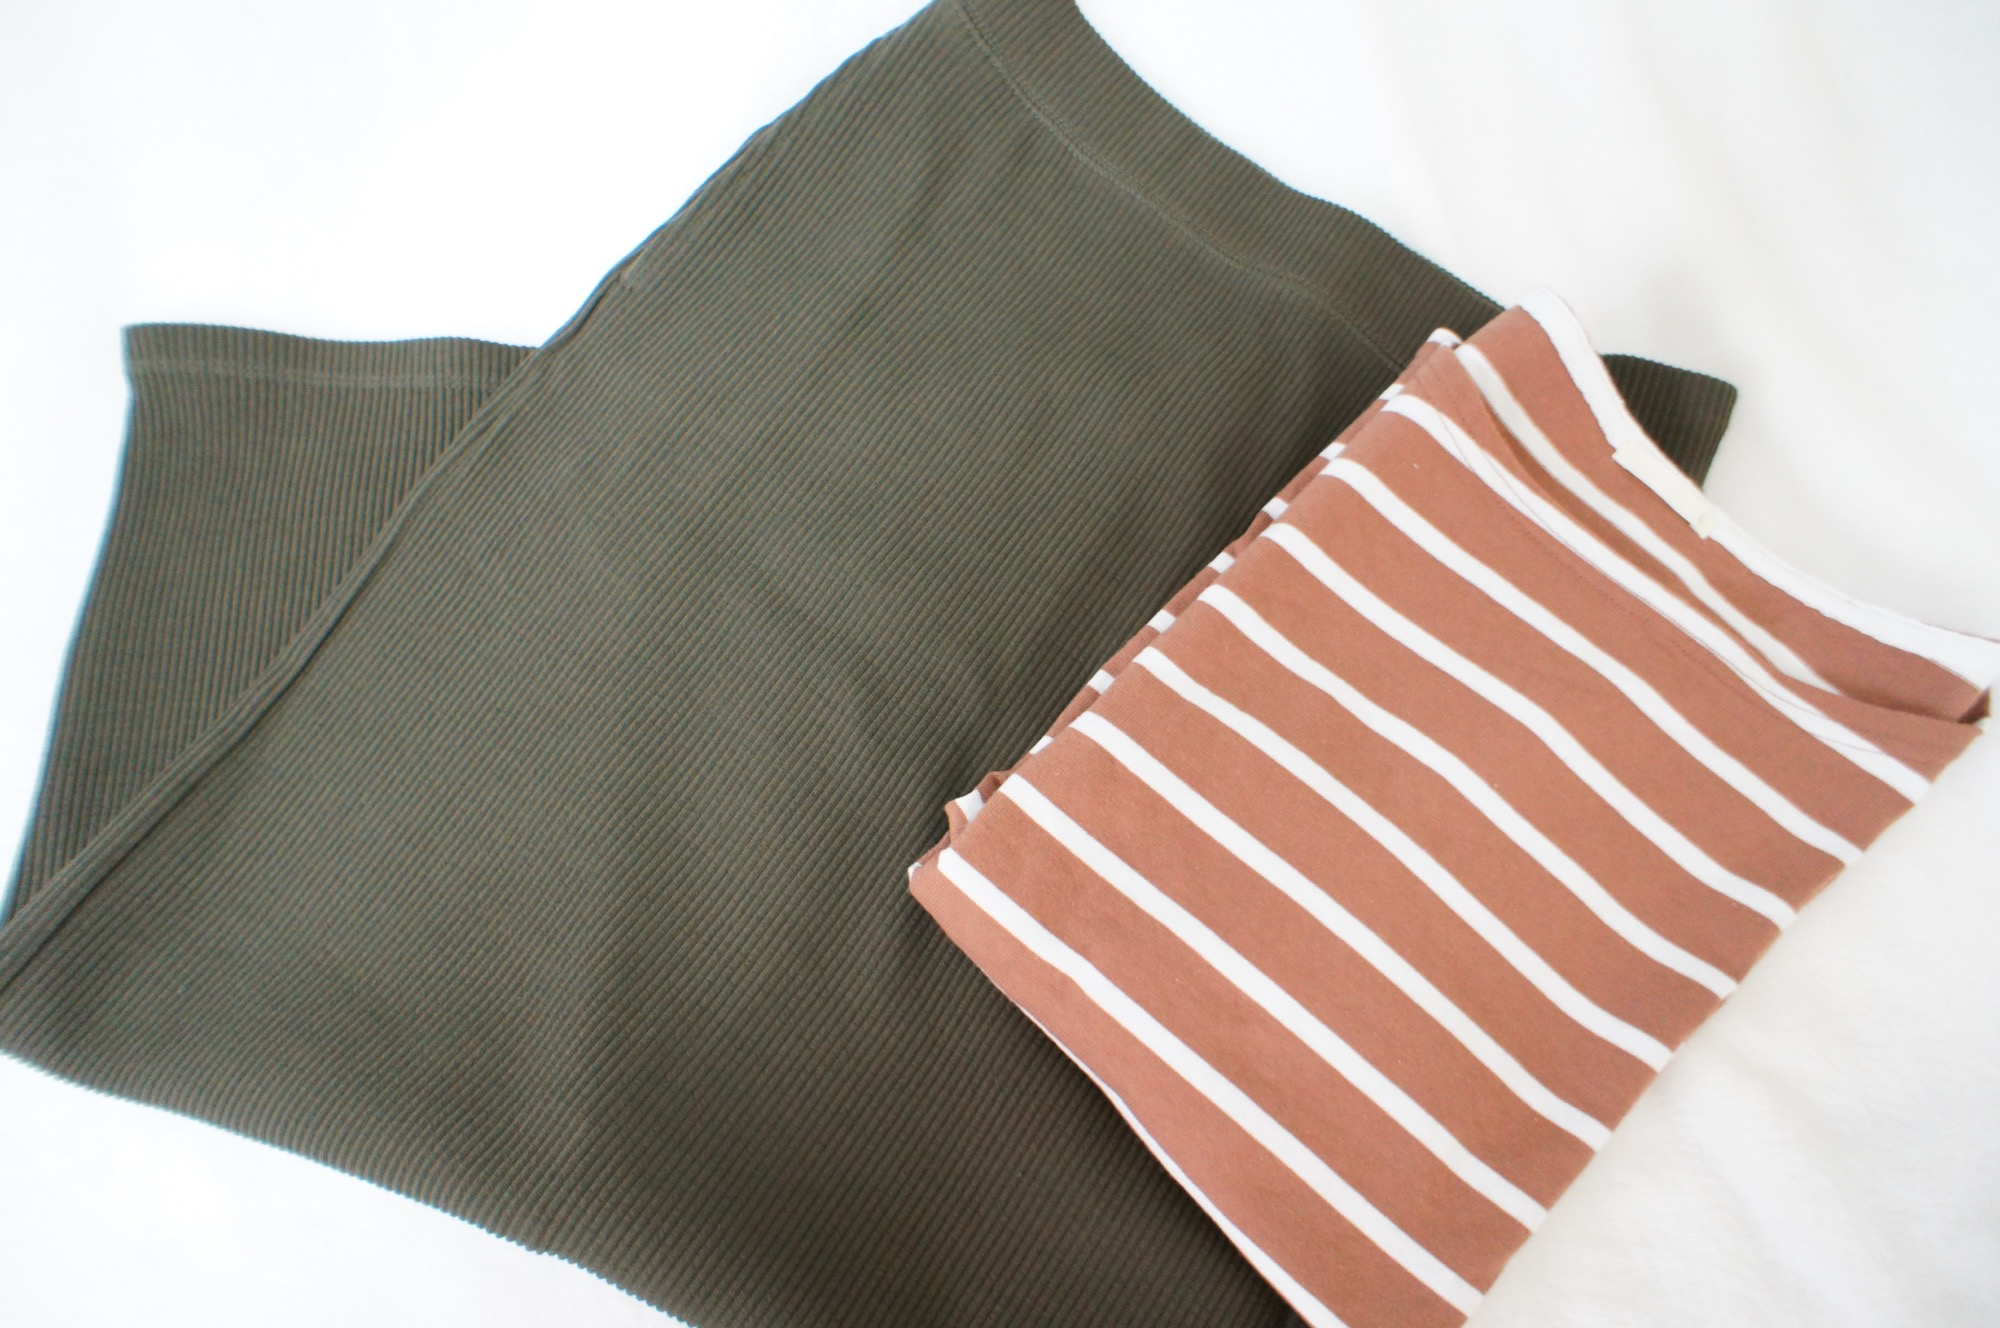 《#170cmトールガール》のプチプラコーデ❤️トレンド感たっぷり!【UNIQLO】リブタイトロングスカートが使える☻_3